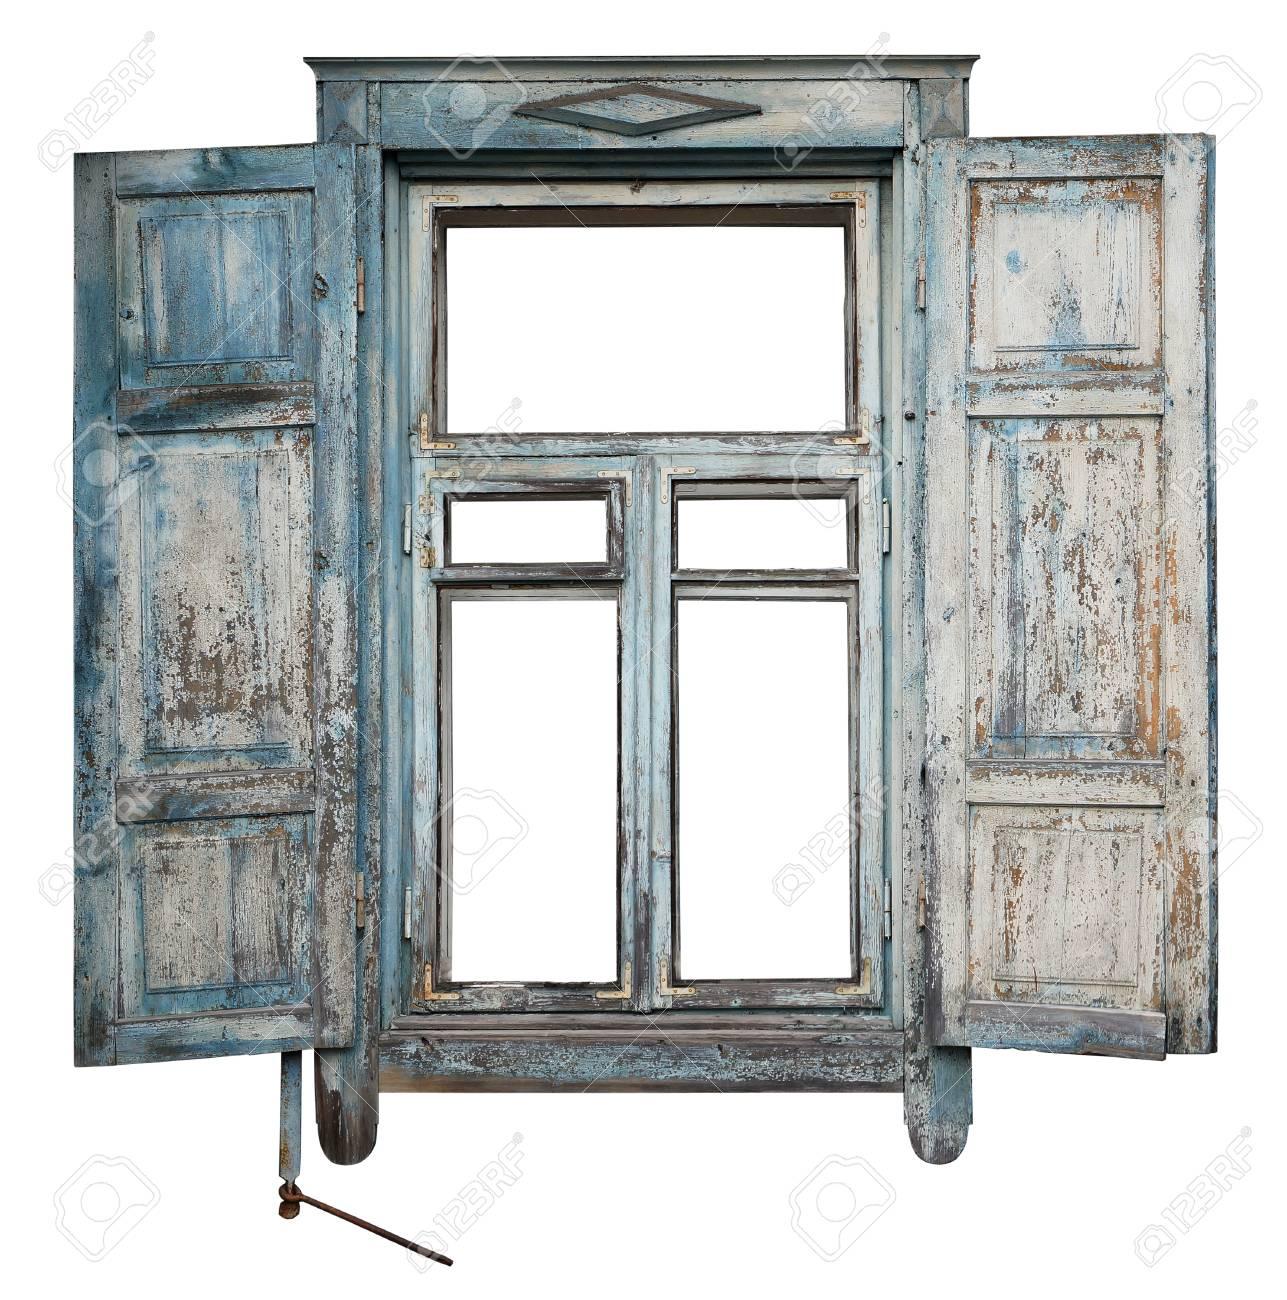 Fenêtre Avec Un Store Pare Soleil Ouvert Dans La Vieille Maison En